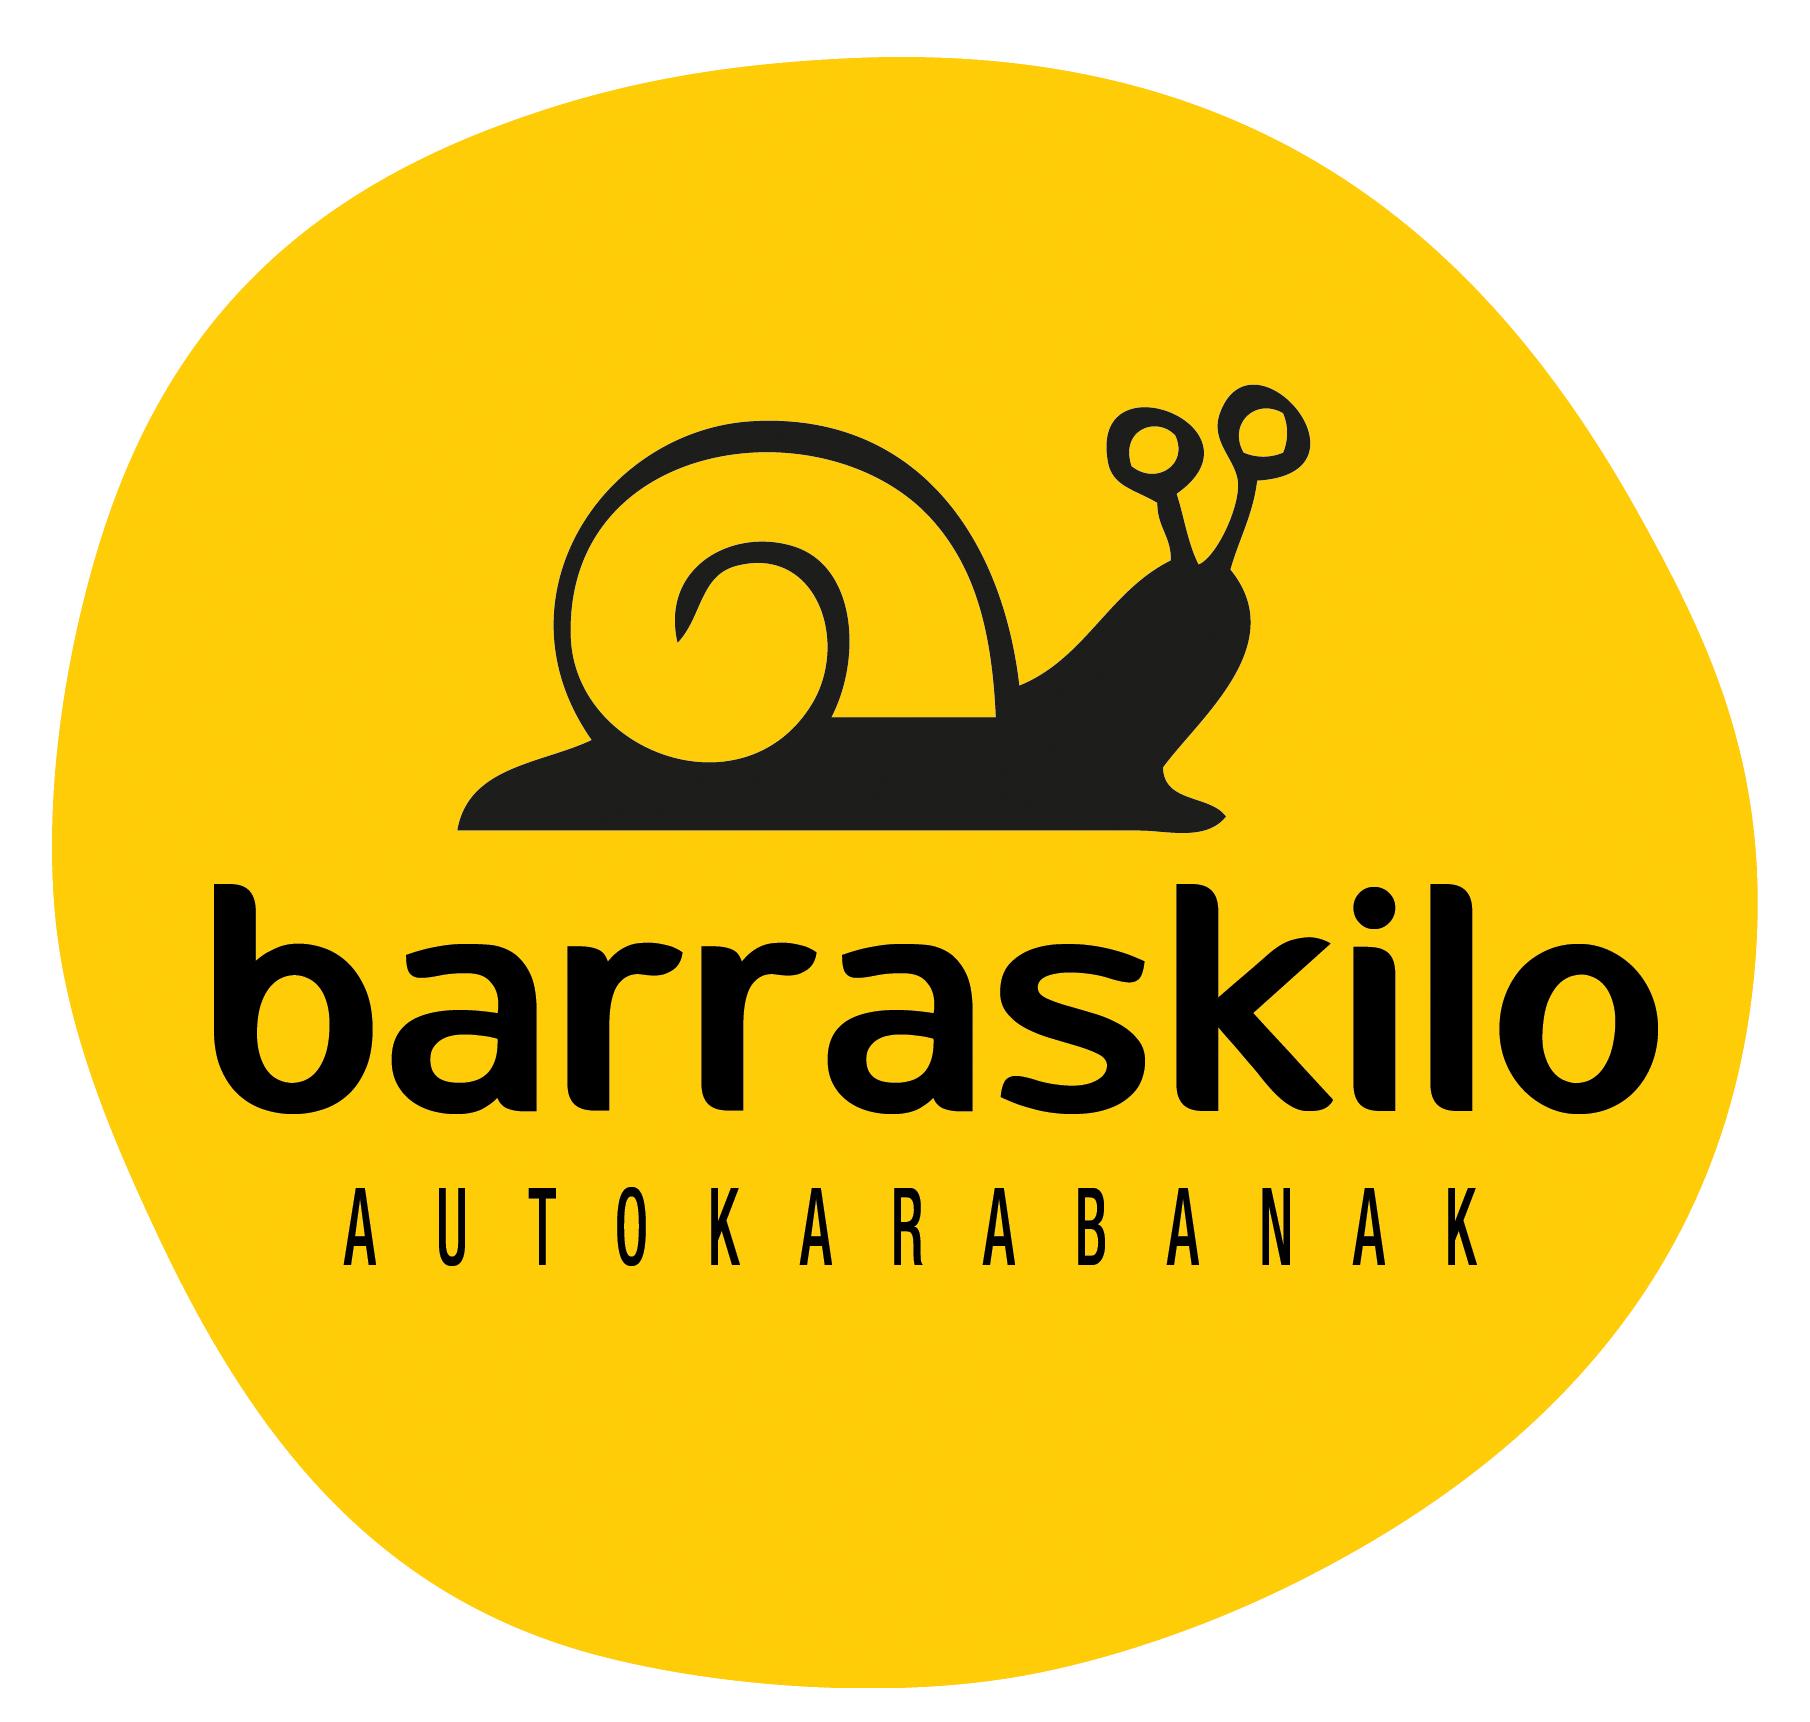 Barraskilo